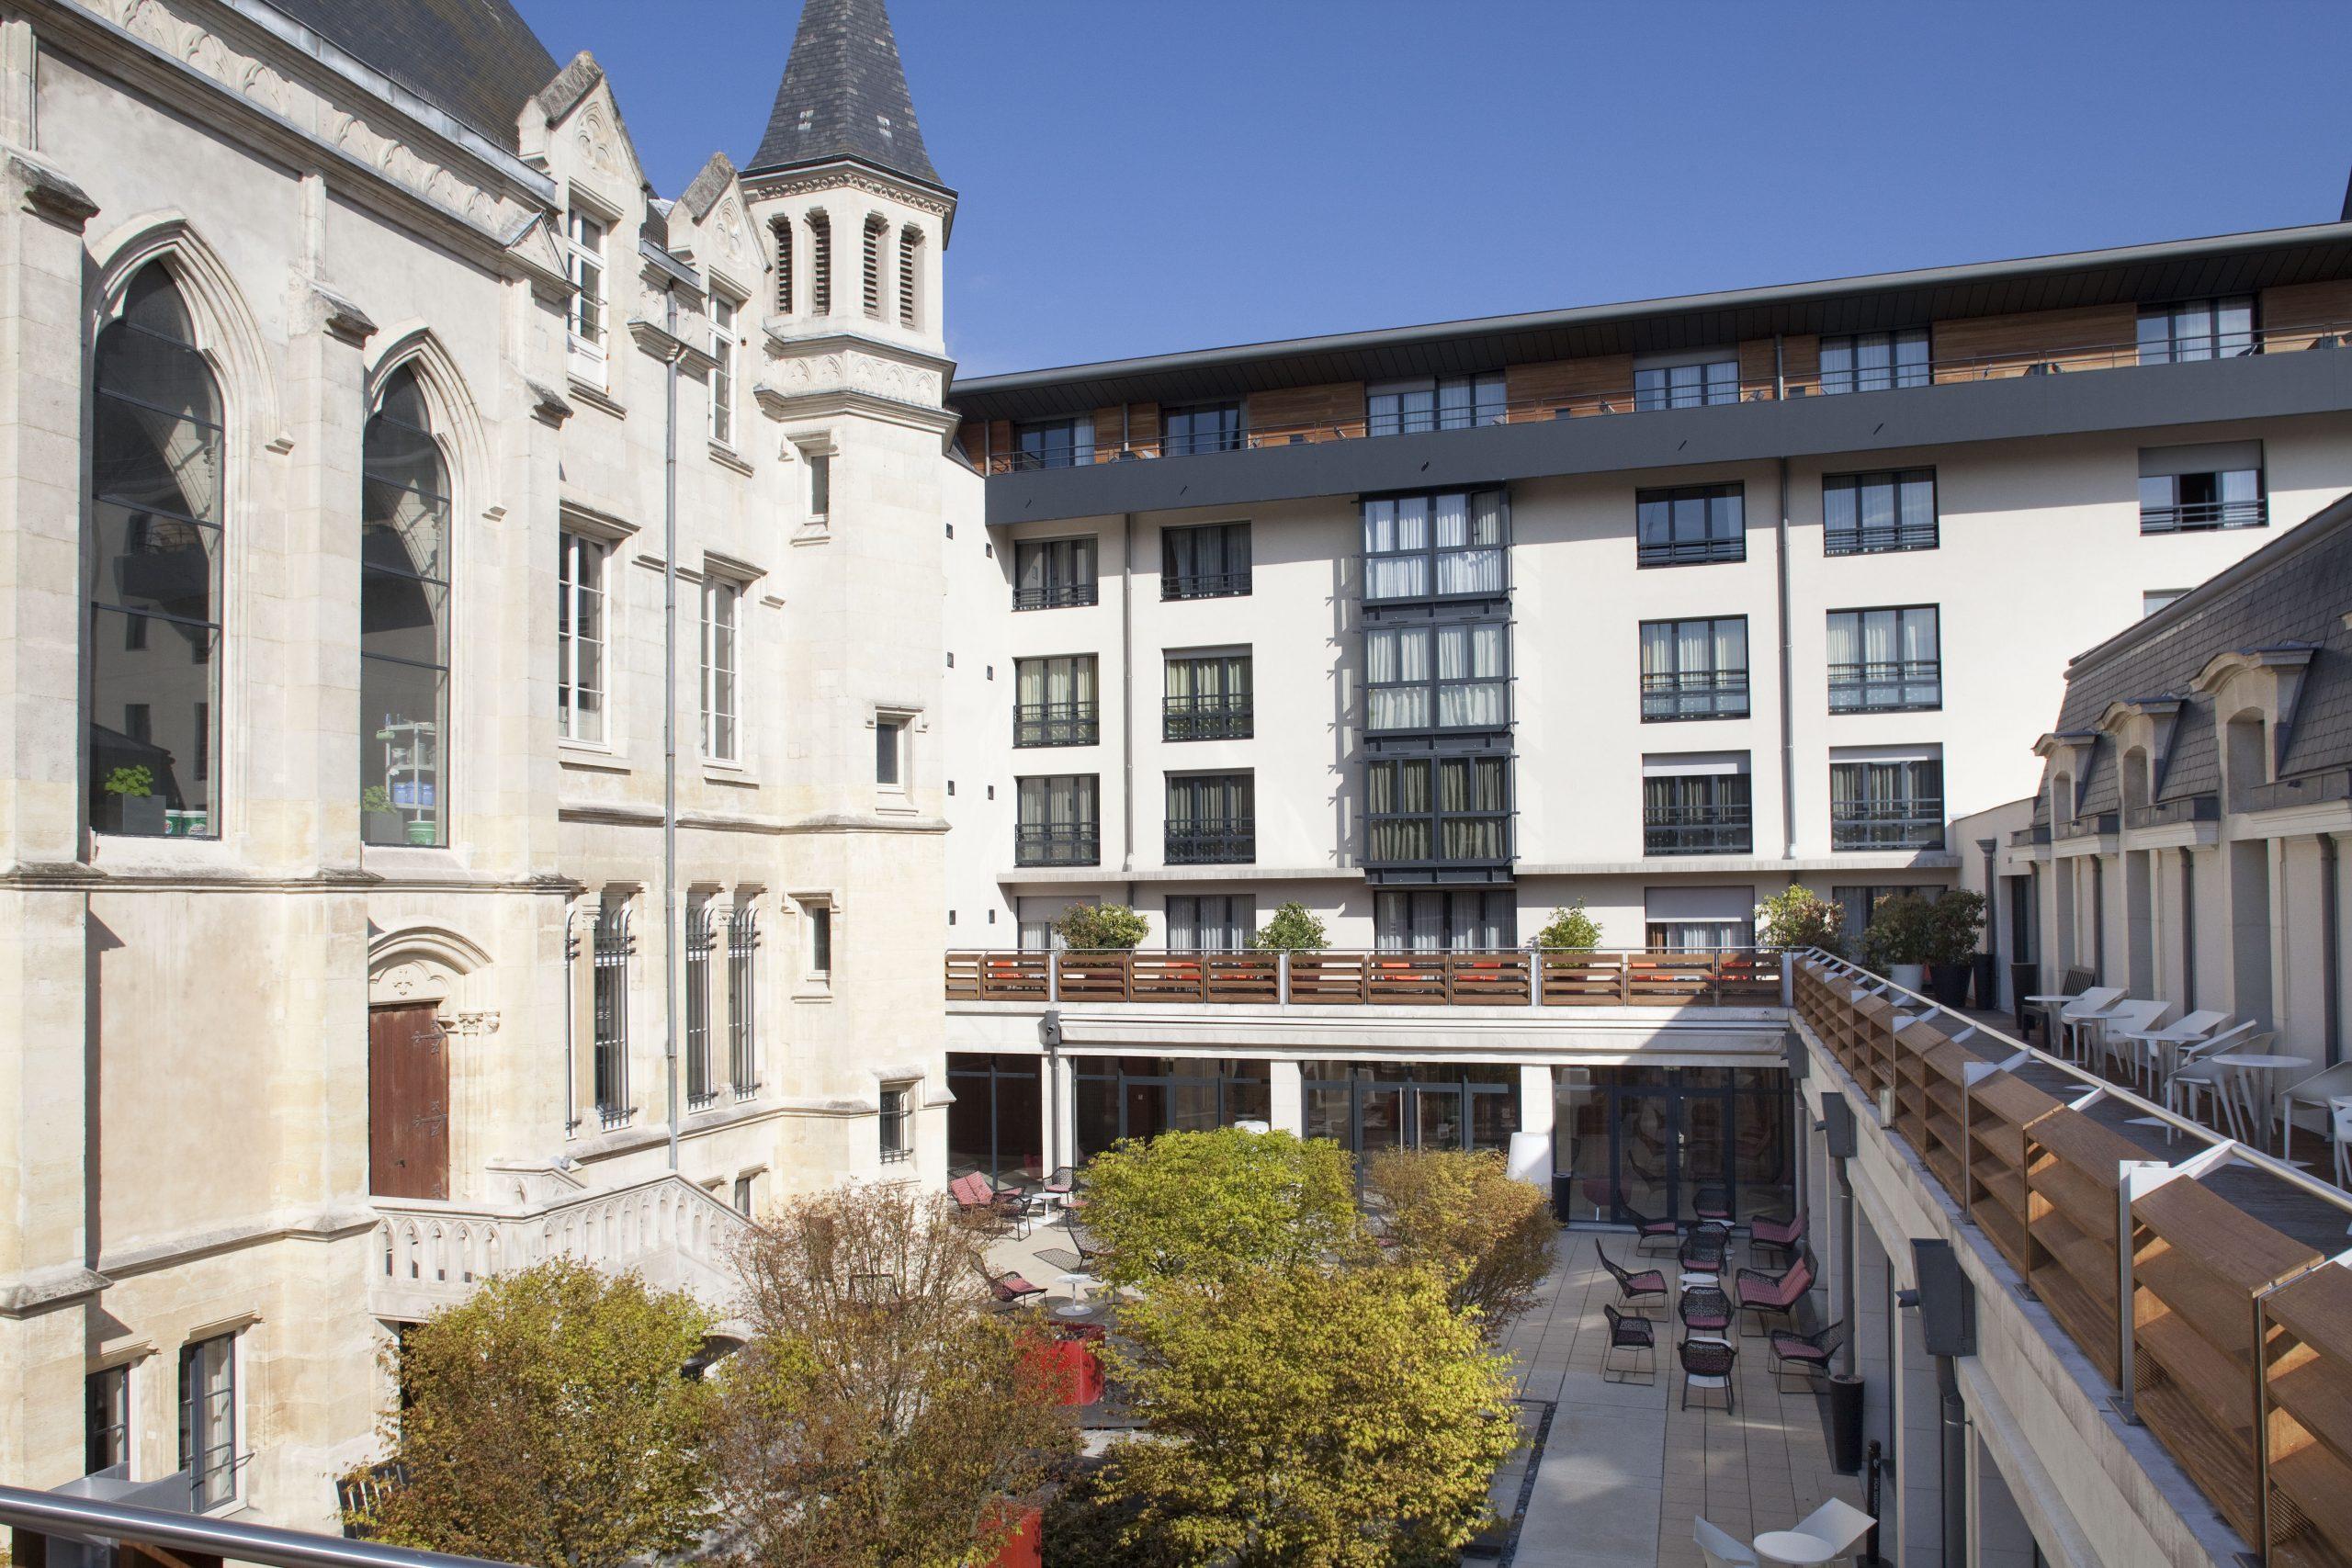 Hotel de la Paix à Reims - Champagne stay